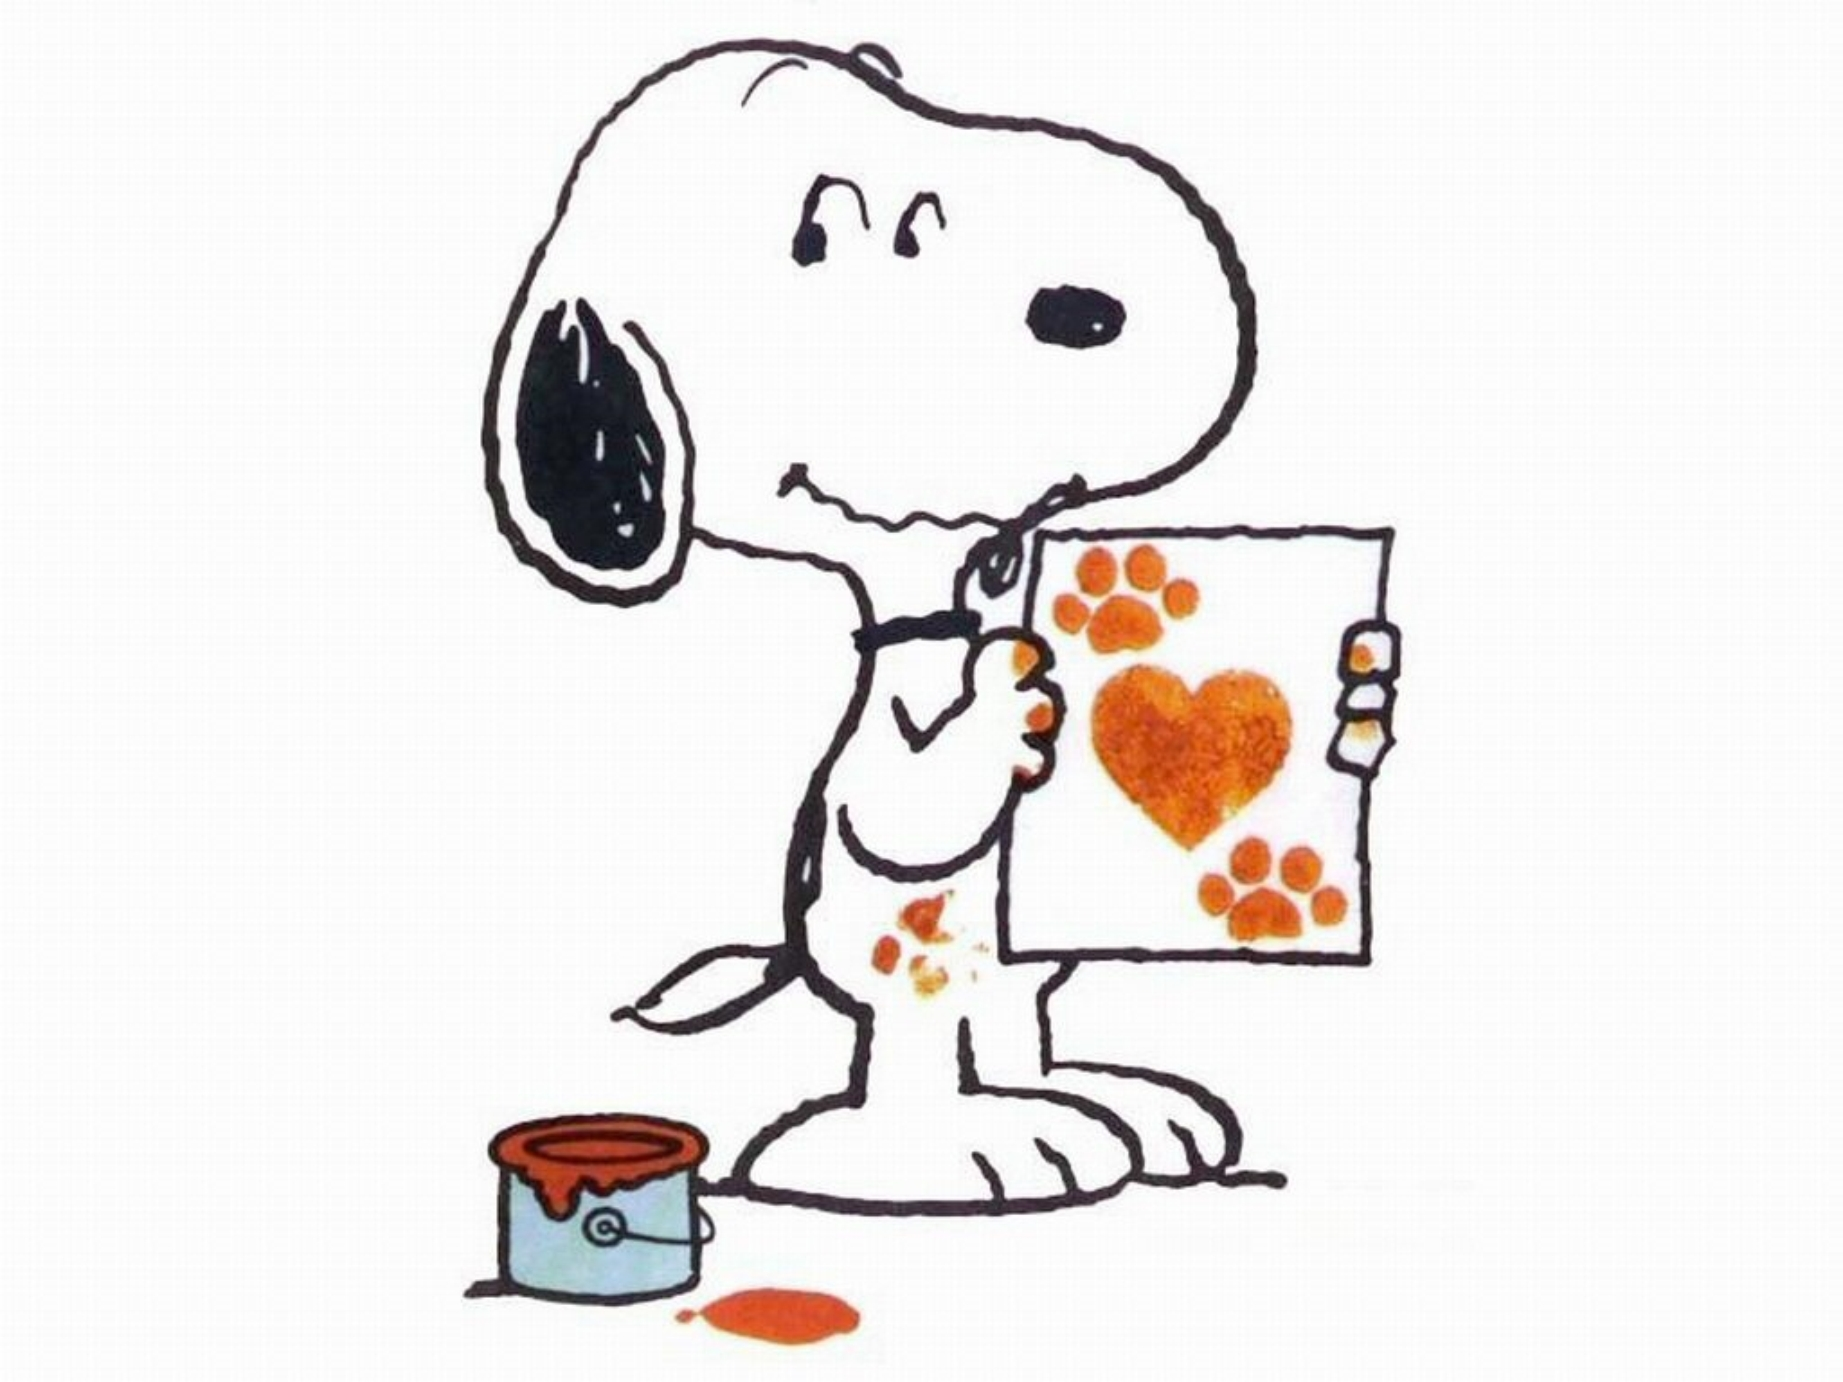 Buon Compleanno Snoopy Compie 65 Anni Il Mitico Beagle Creato Da